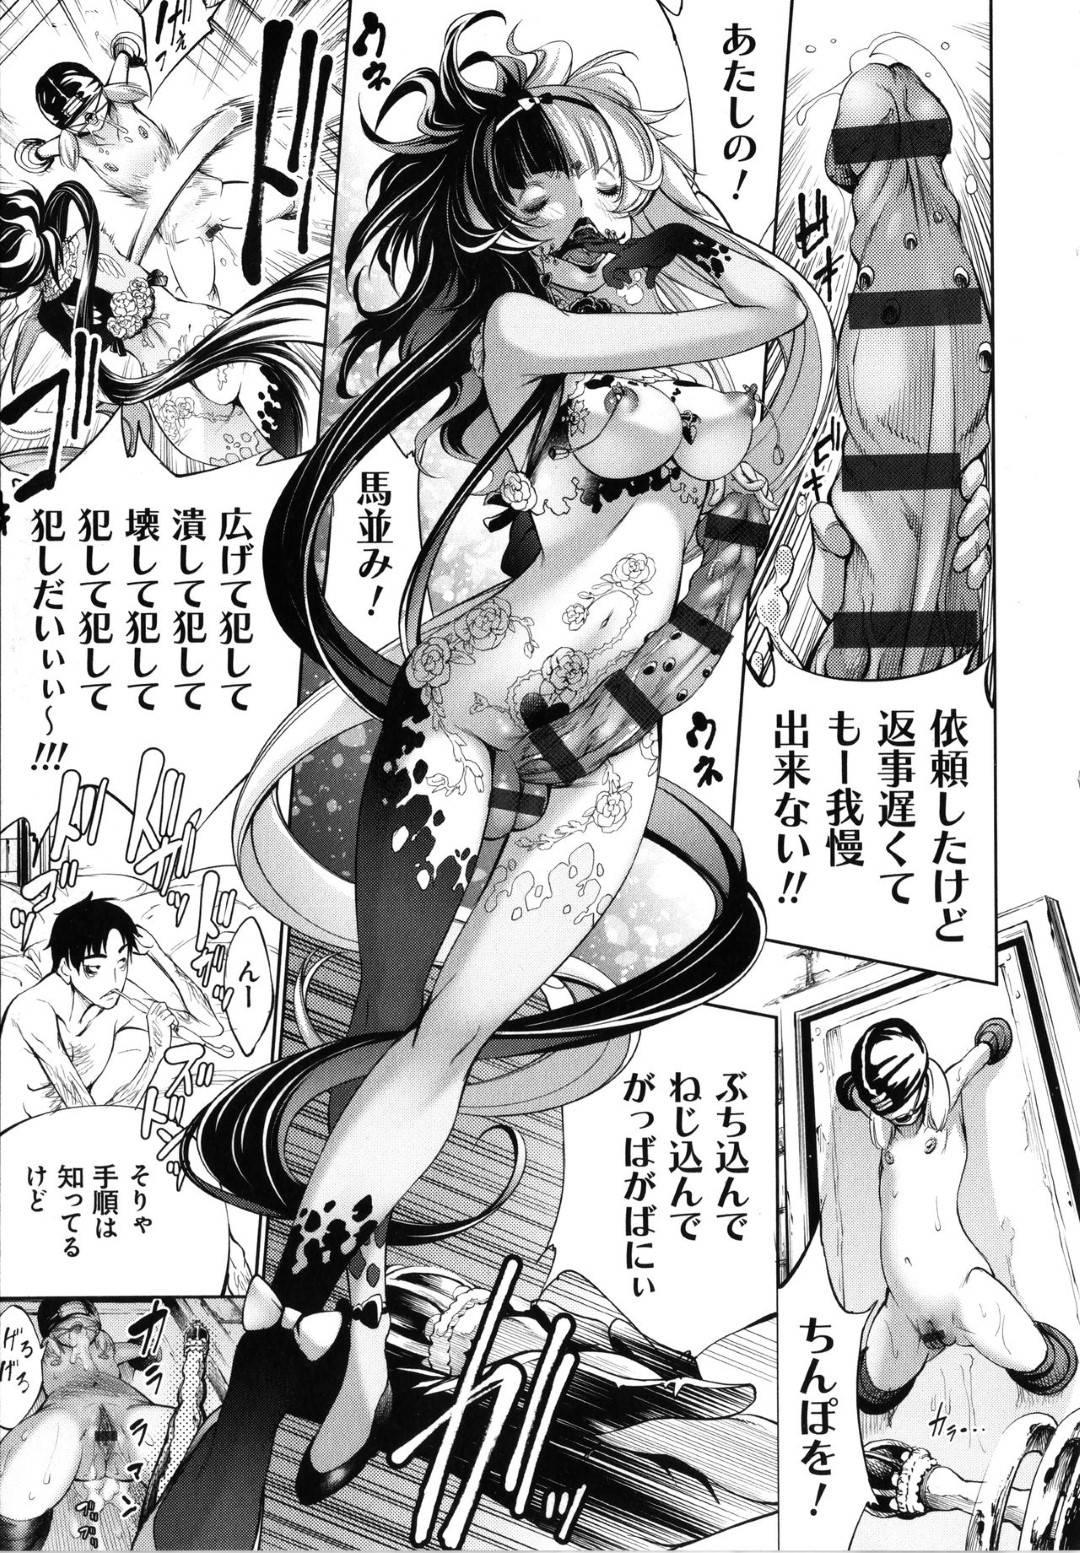 【エロ漫画】地下の別世界で過去に犯された男の性処理をするお姉さん…裏から仕入れて来た怪しいクスリを口移しされ身体中に電気が走る!言葉も話せずにただチンポを求めるメスと化す!【空想】